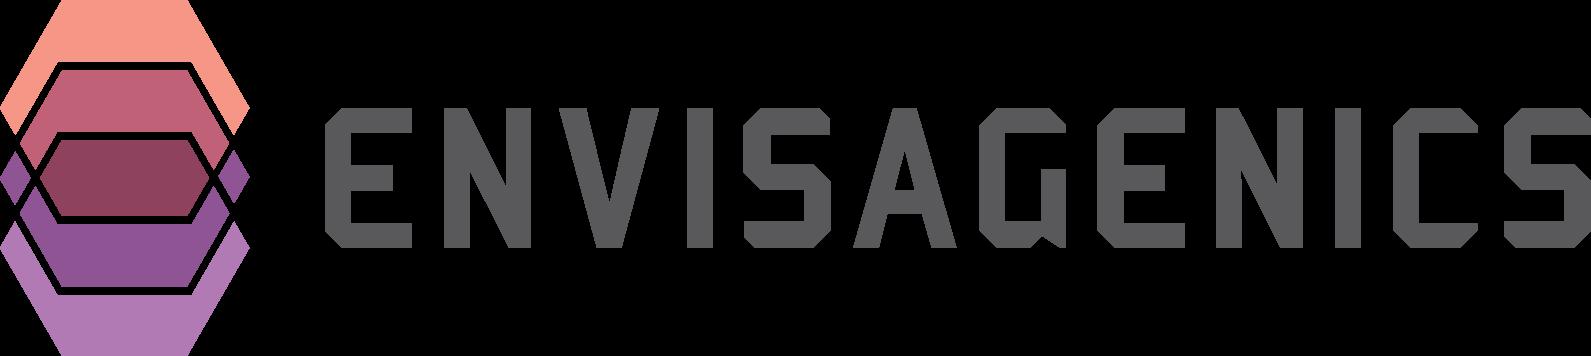 ENVISAGENICS_Logo